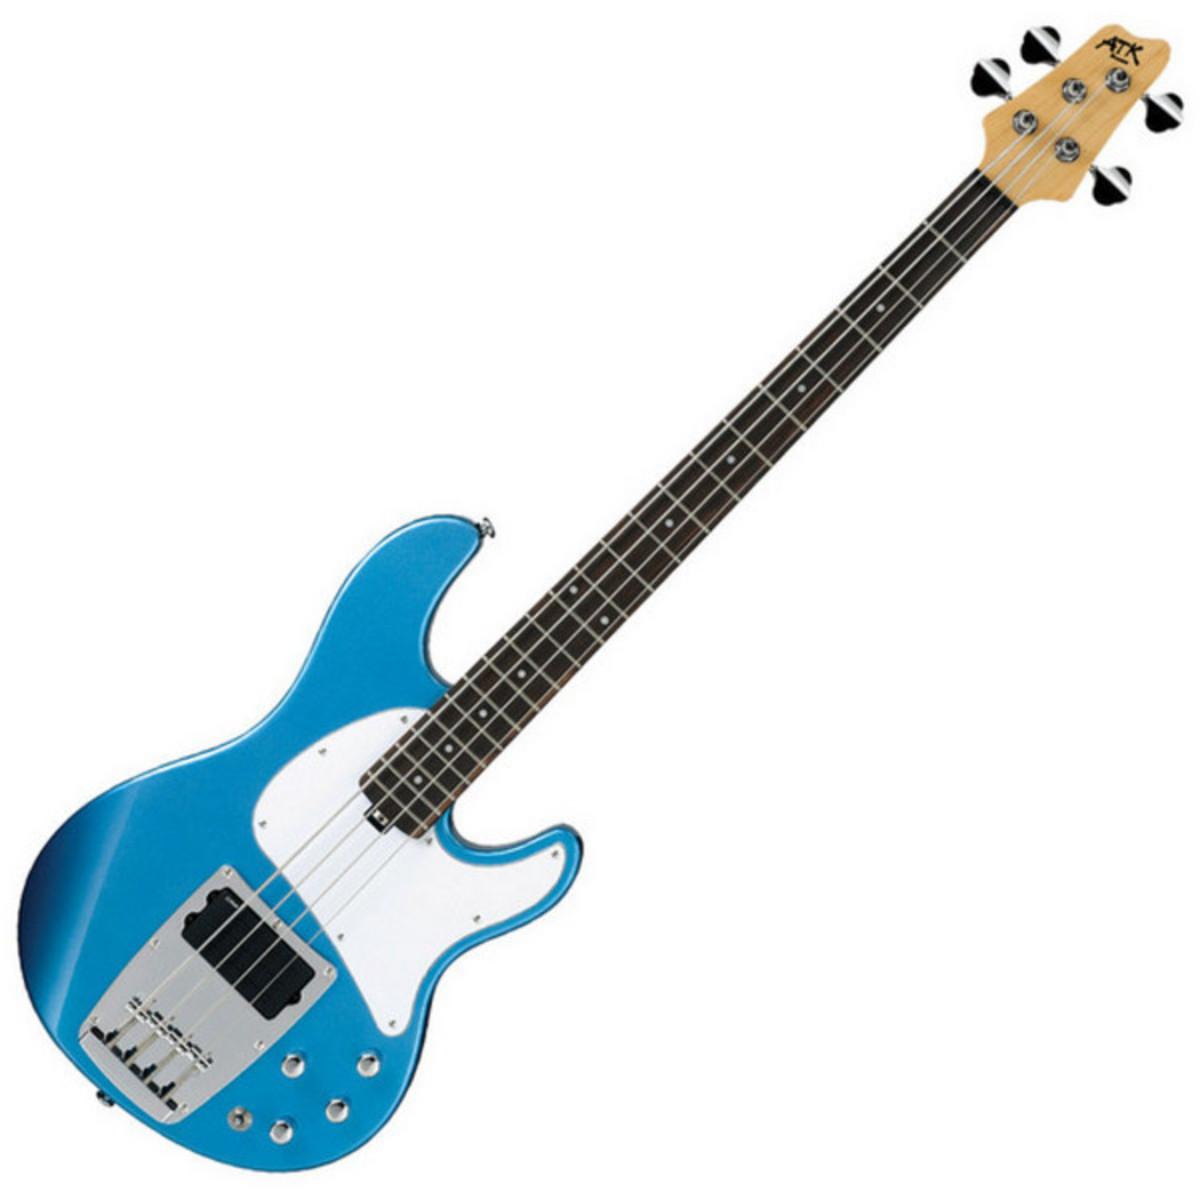 puis guitare basse lectrique ibanez atk200 soda bleu avec housse gratuit. Black Bedroom Furniture Sets. Home Design Ideas